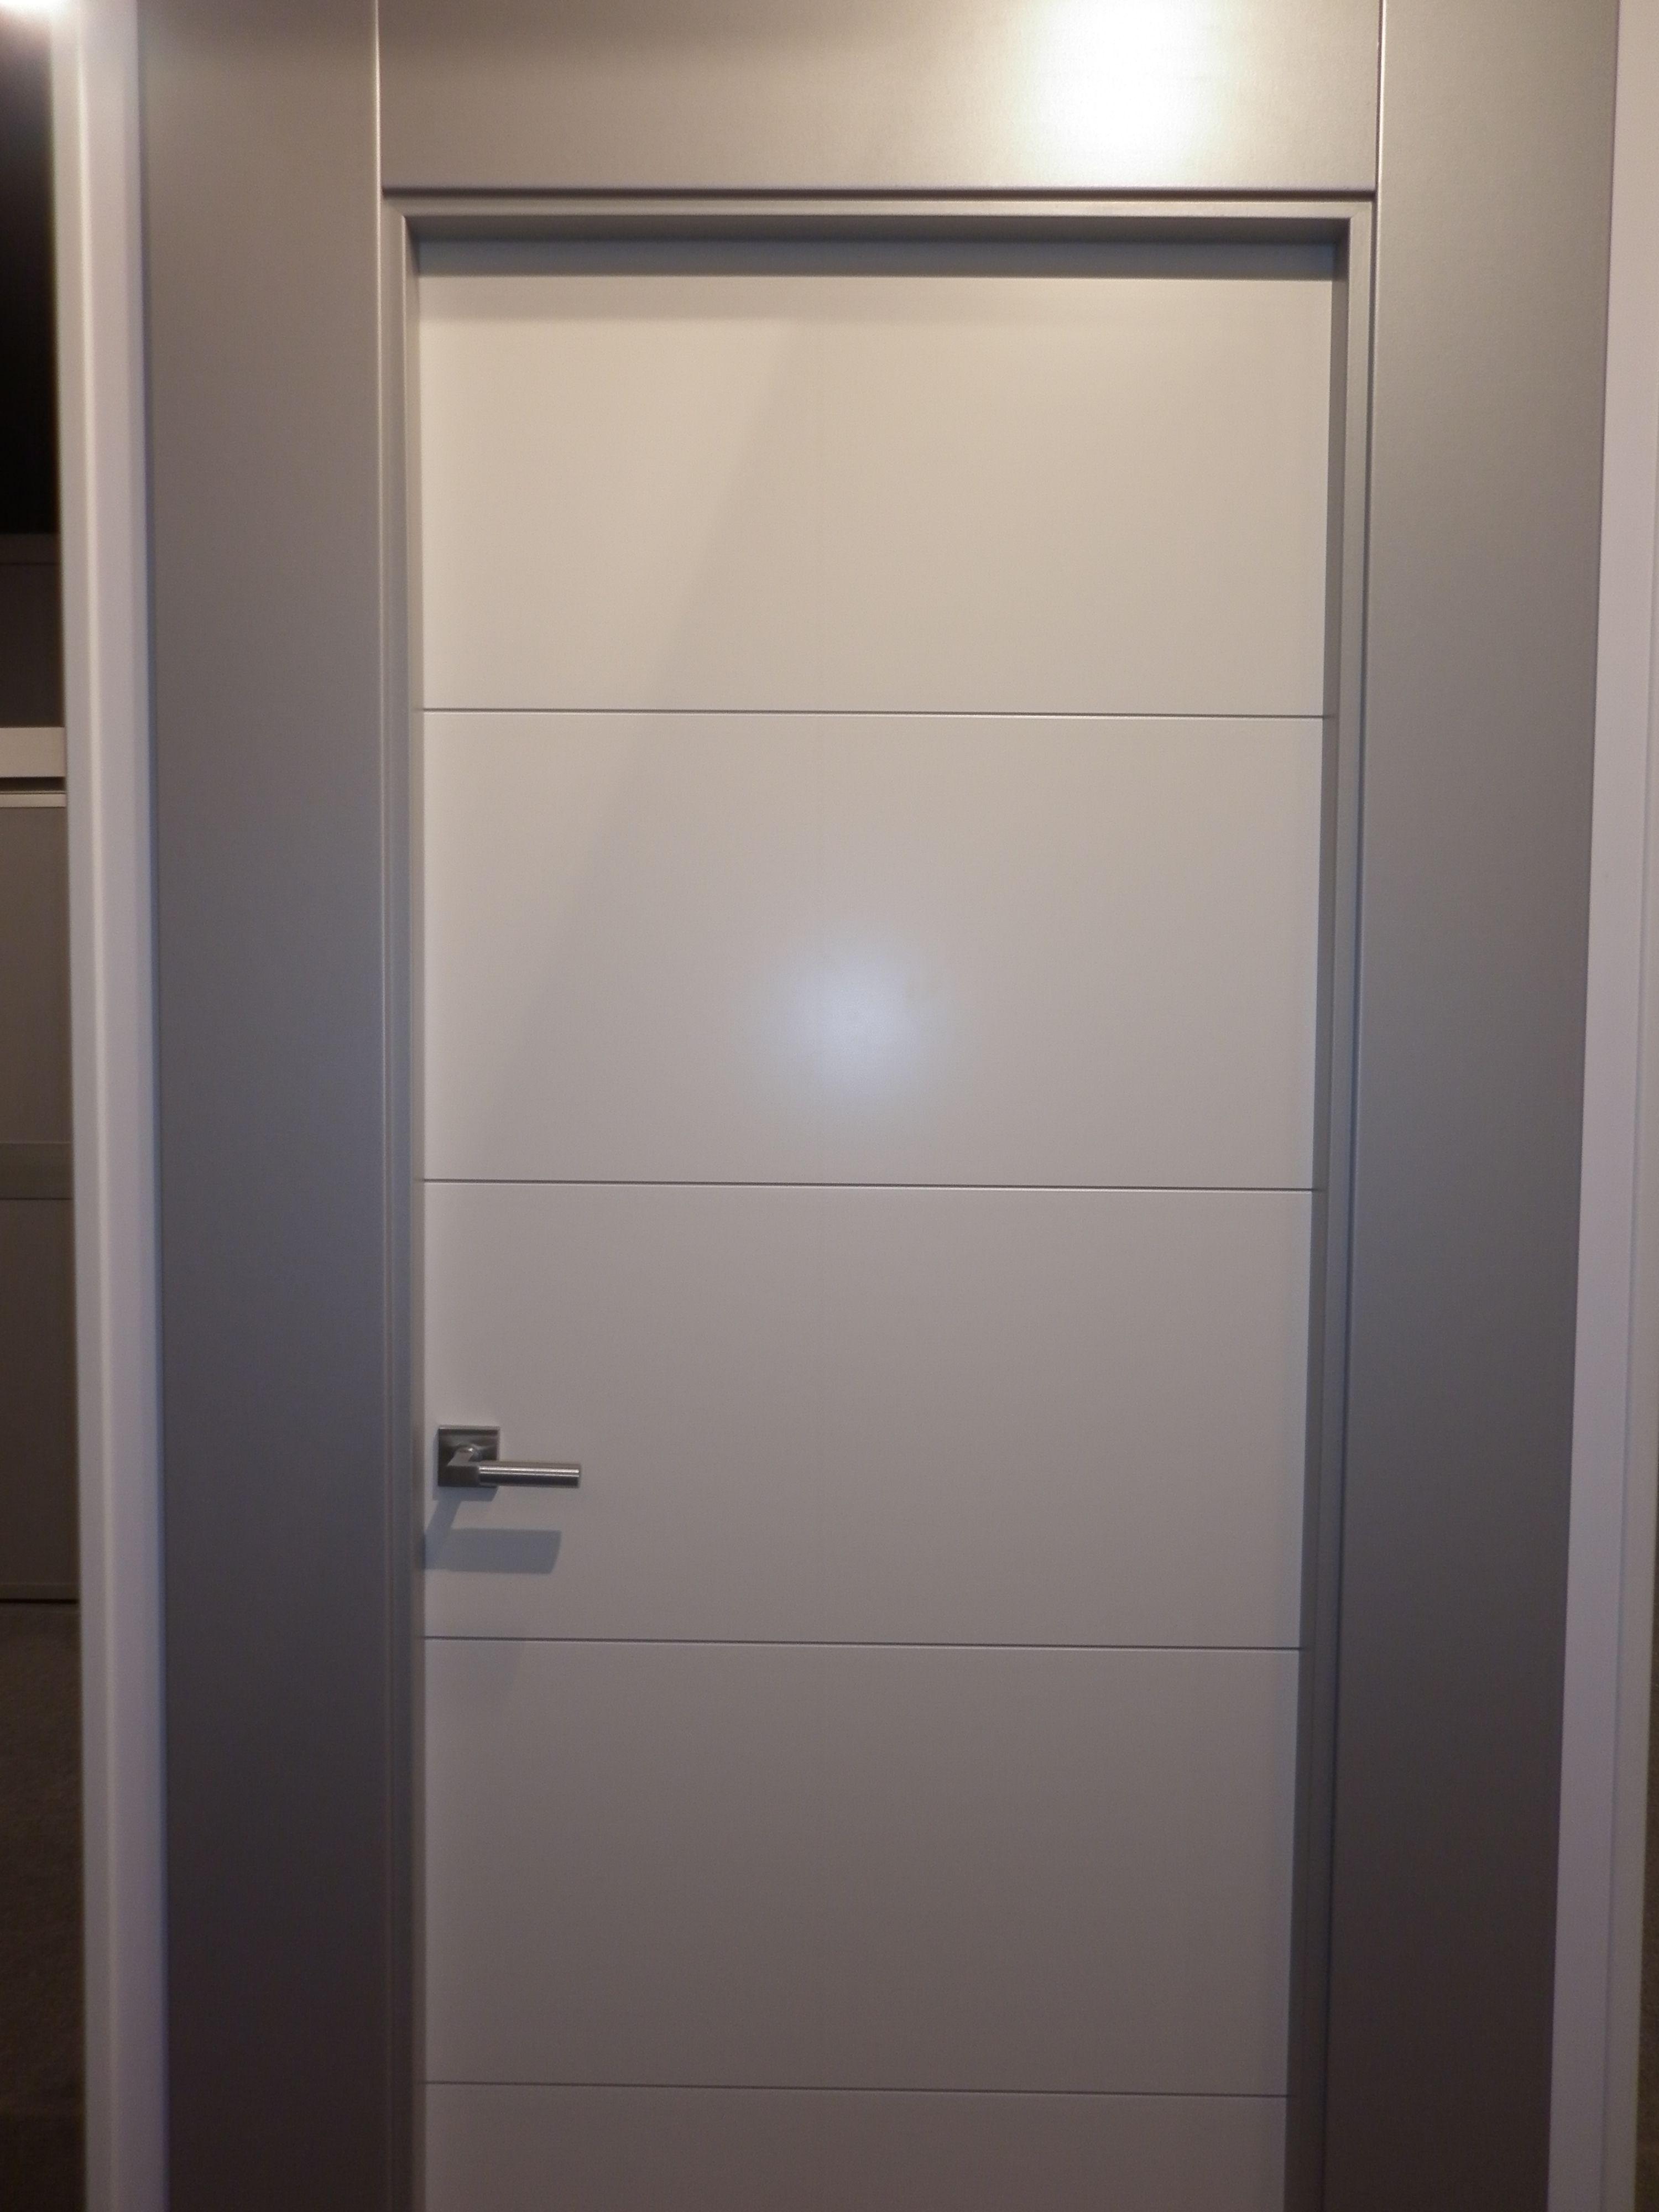 Oferta puertas interior amazing oferta puertas acorazadas for Puertas de madera en oferta